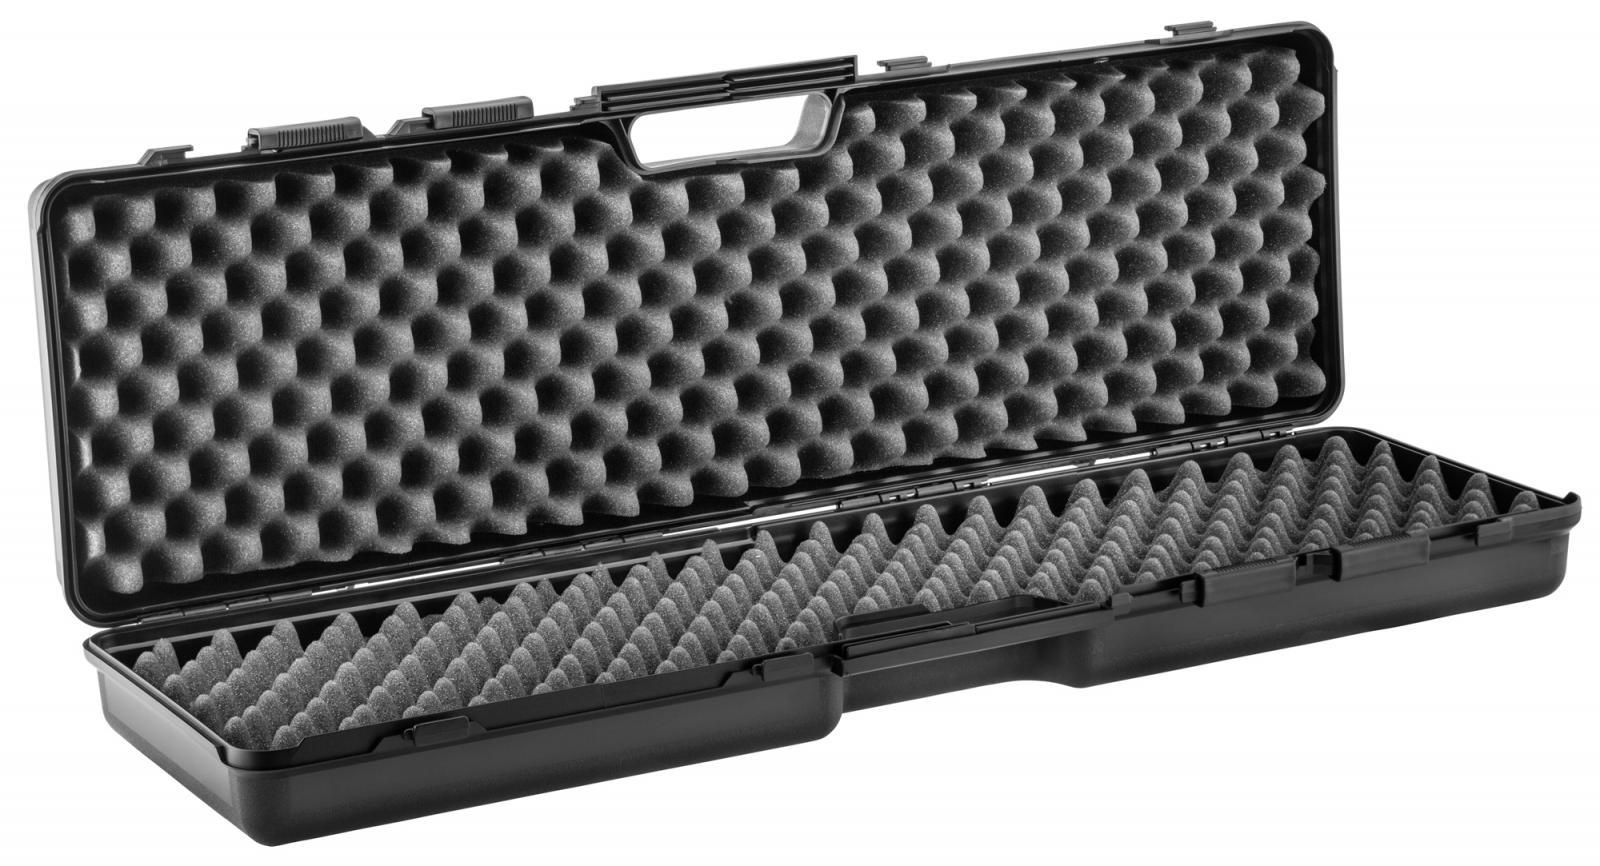 Mallette de transport ABS arme longue noire 1M22